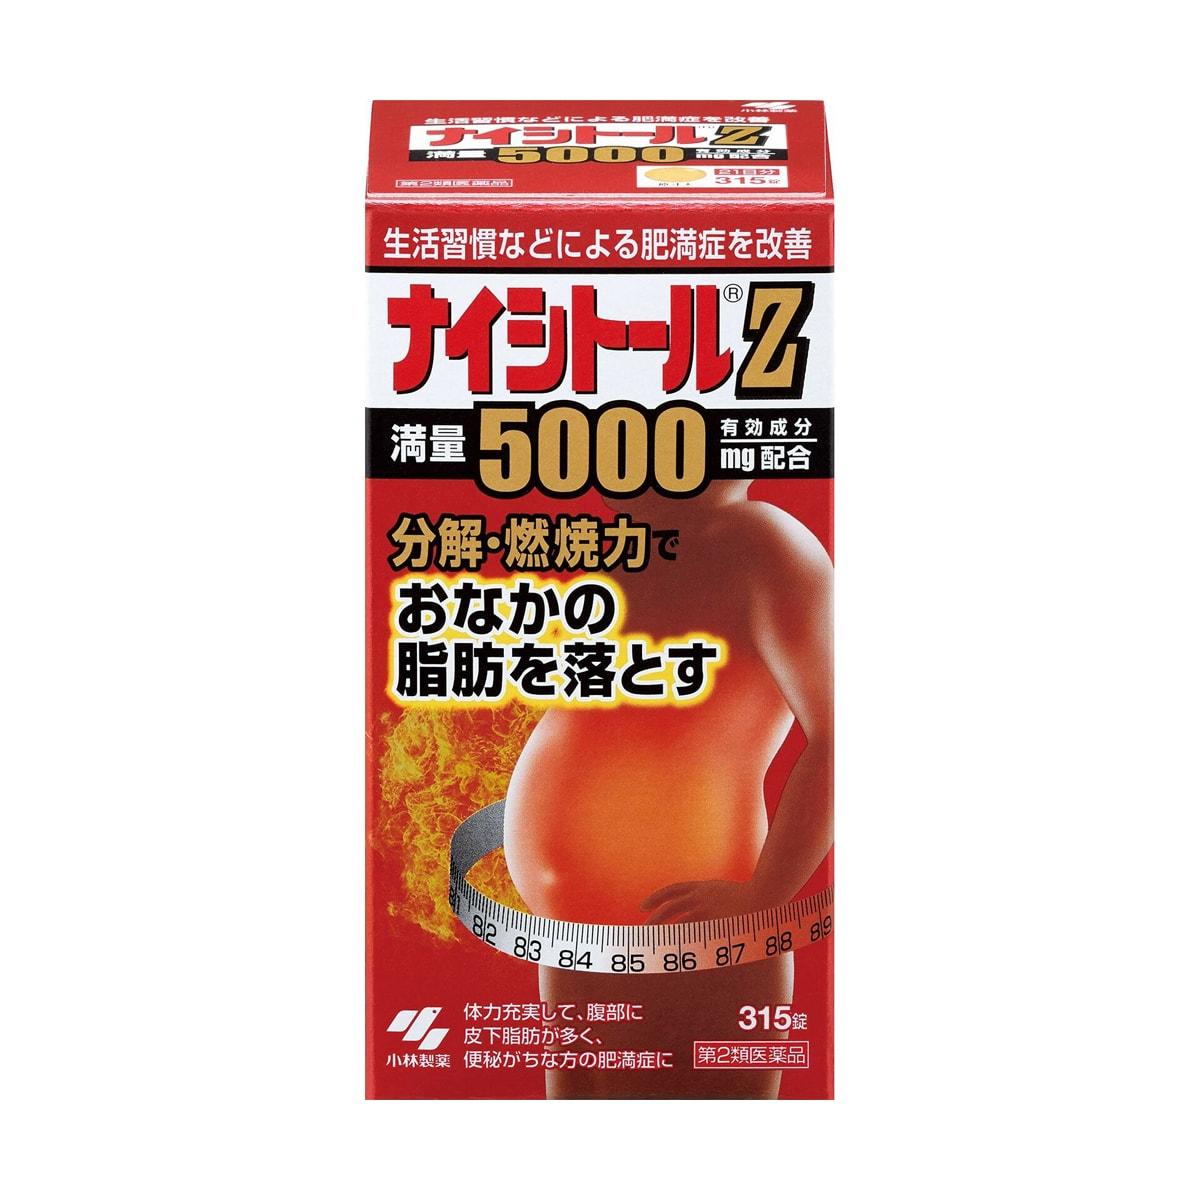 Yamibuy.com:Customer reviews:Weight Loss 315tablets 5000mg